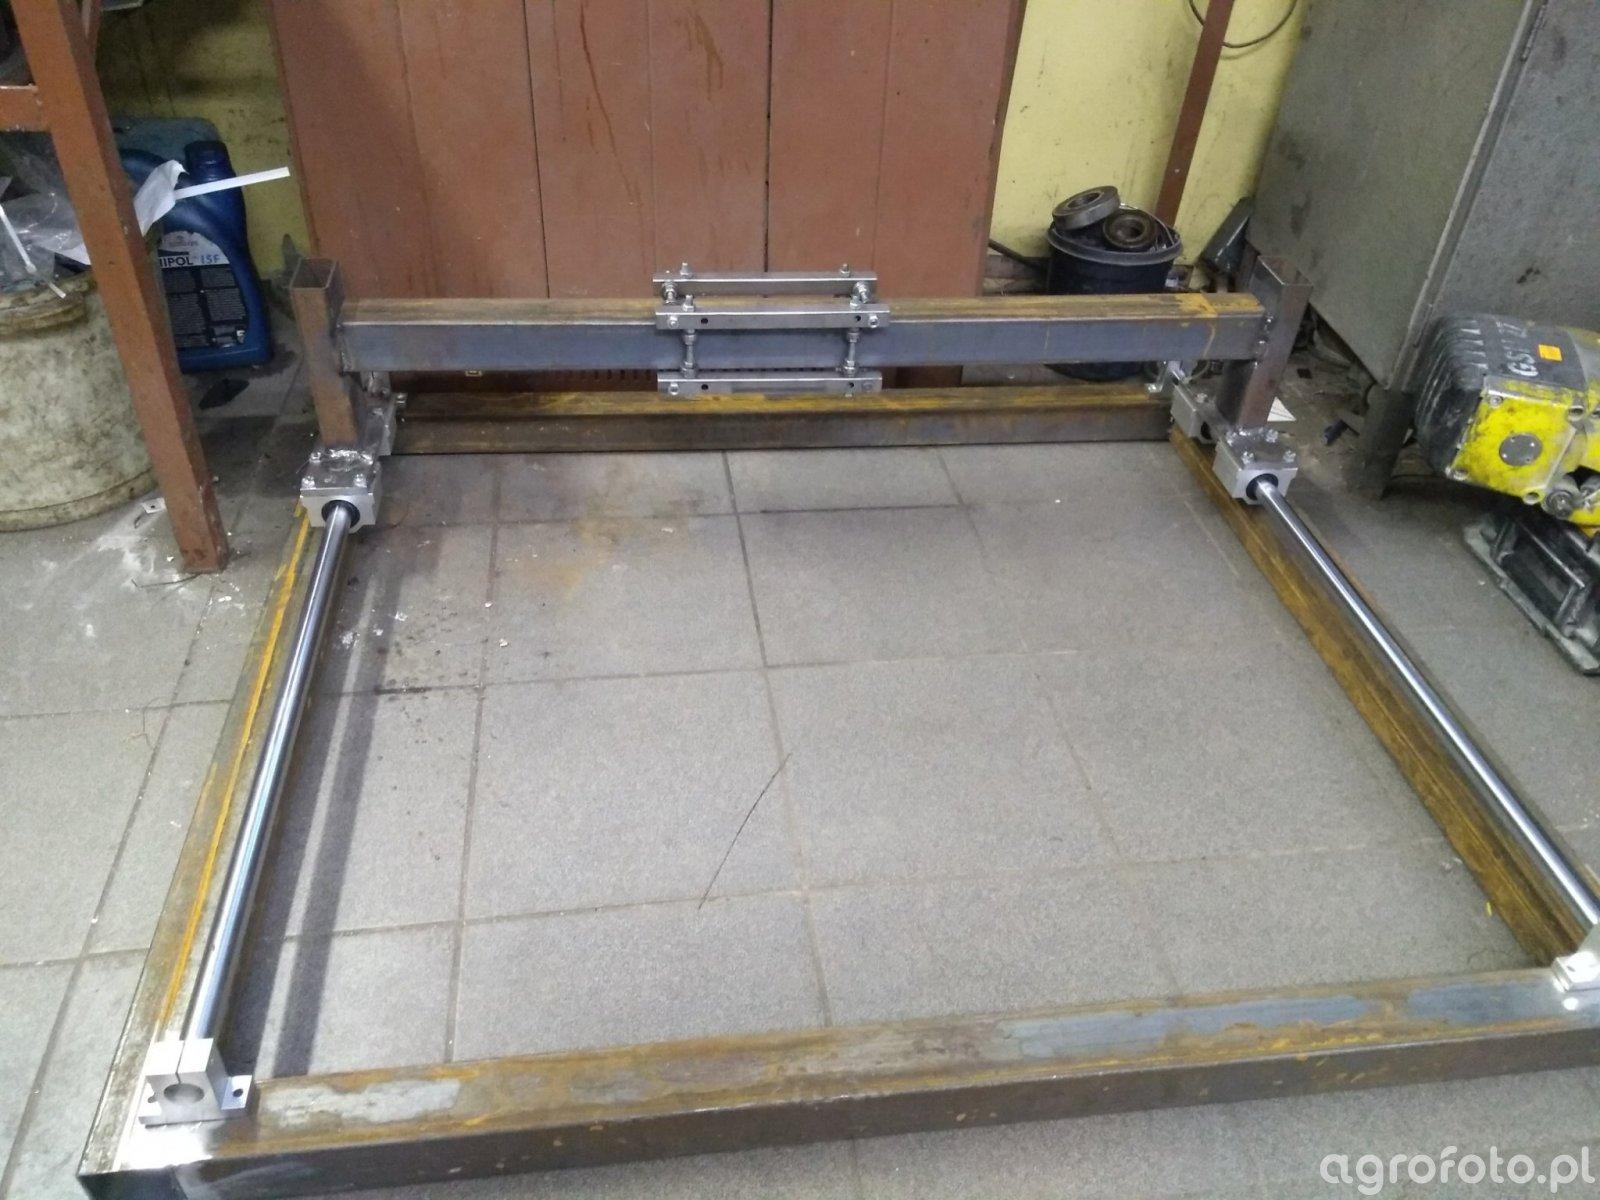 Wszystkie nowe Budowa stołu CNC do plazmy - Obrazek, fotka, zdjecie, photo GJ13